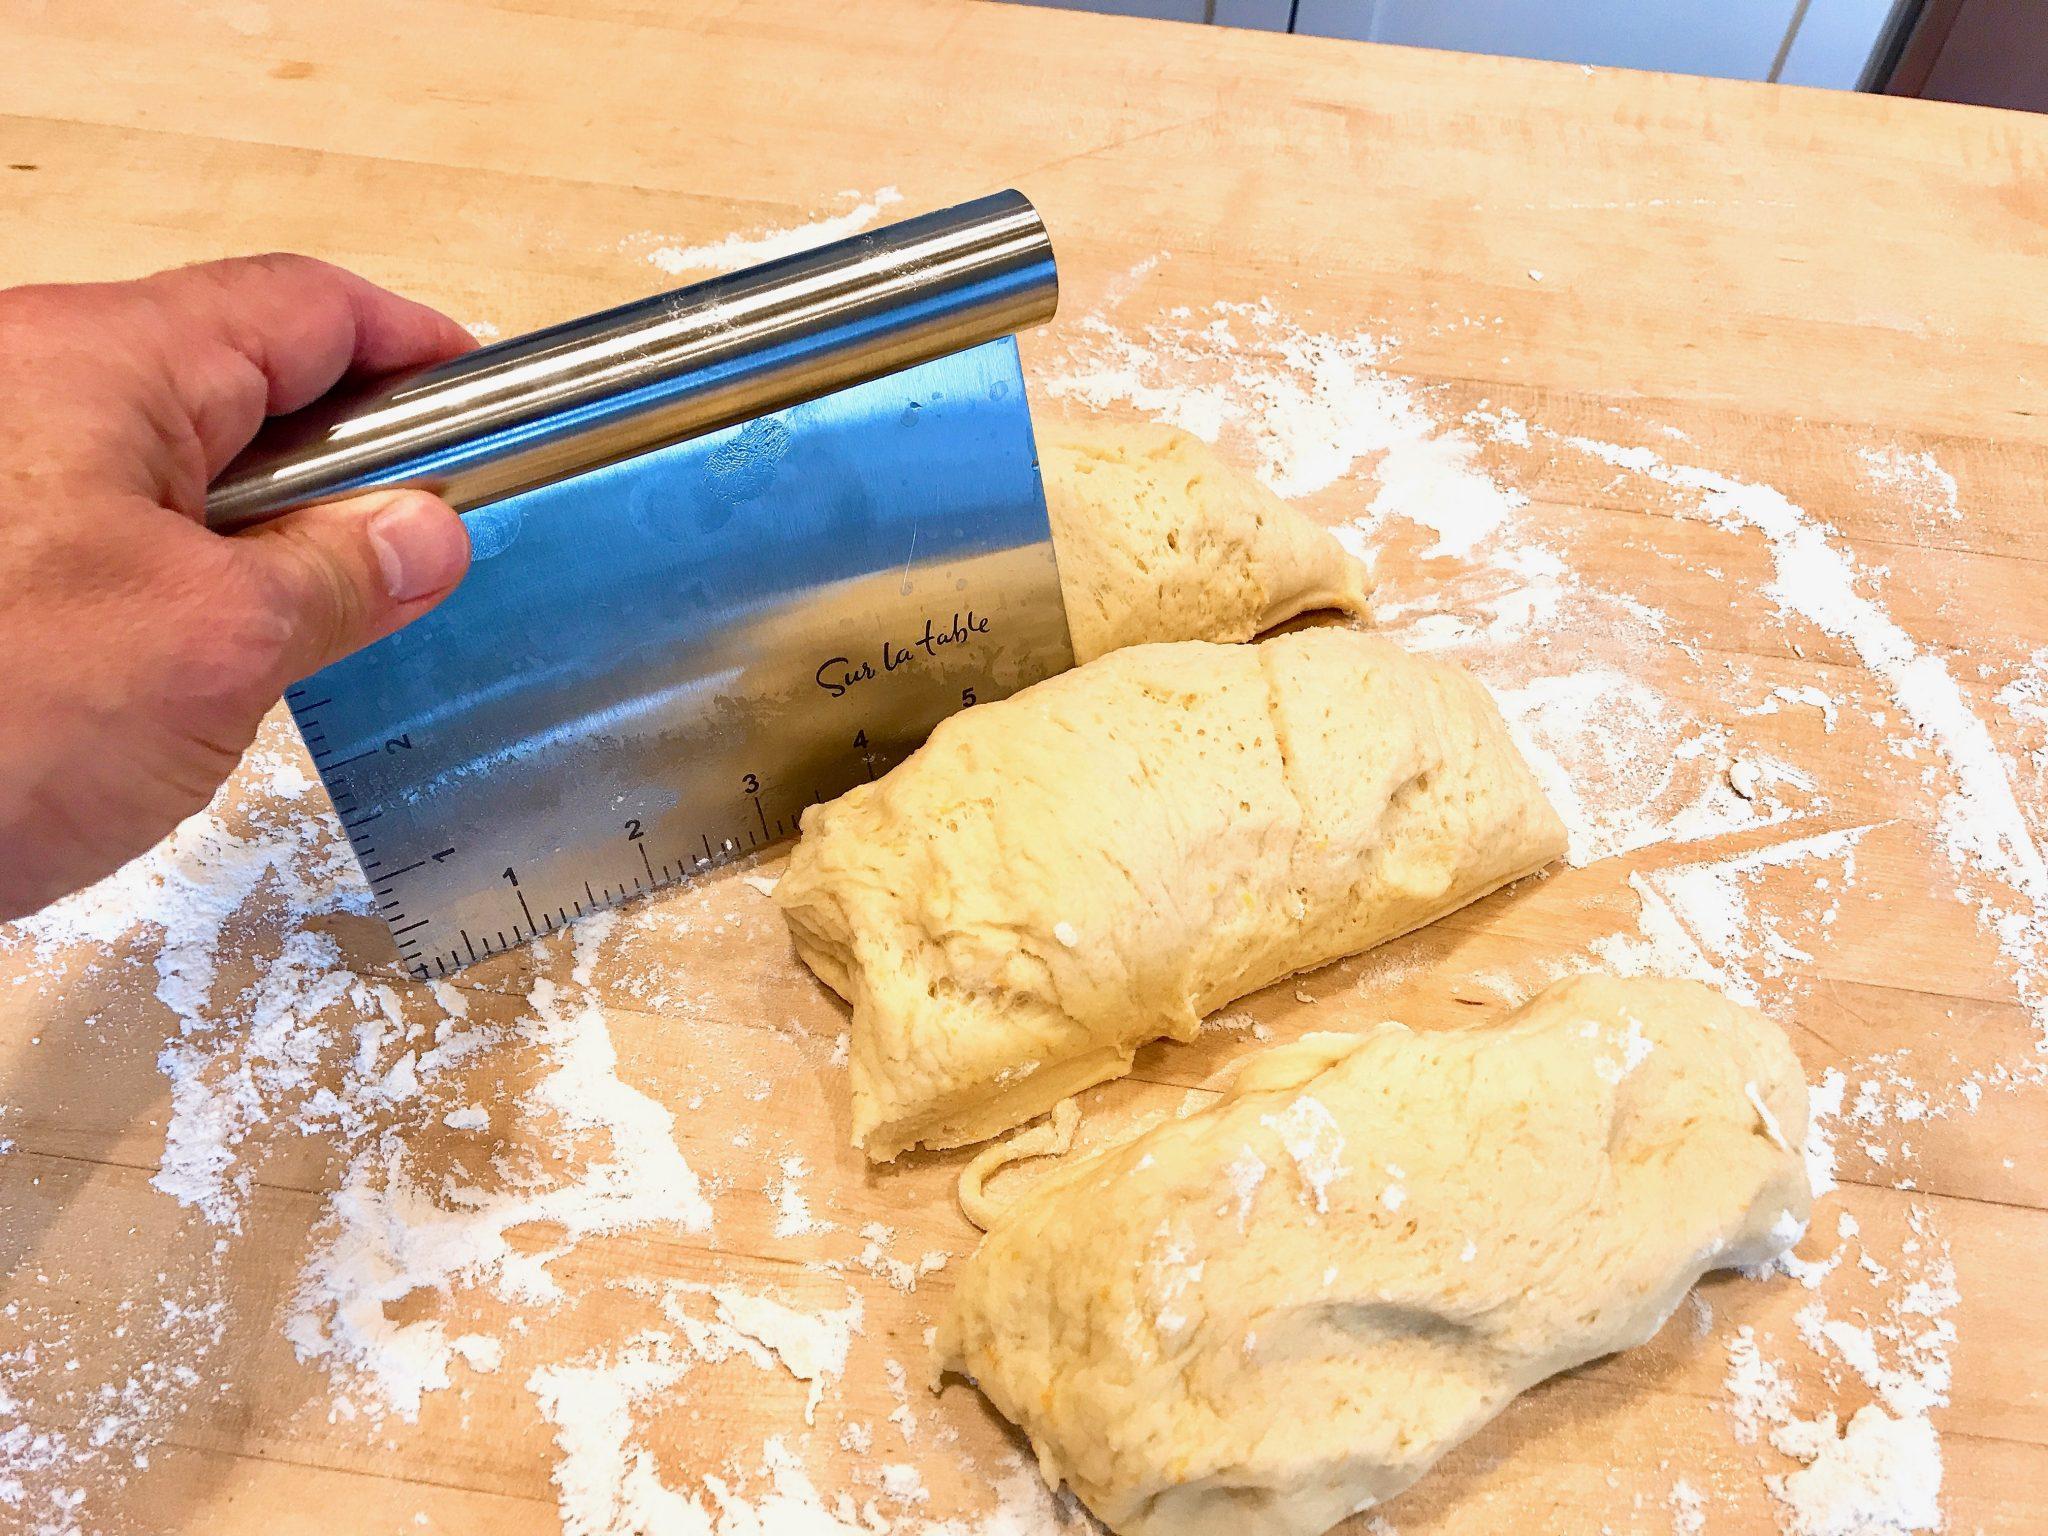 Dividing bread dough